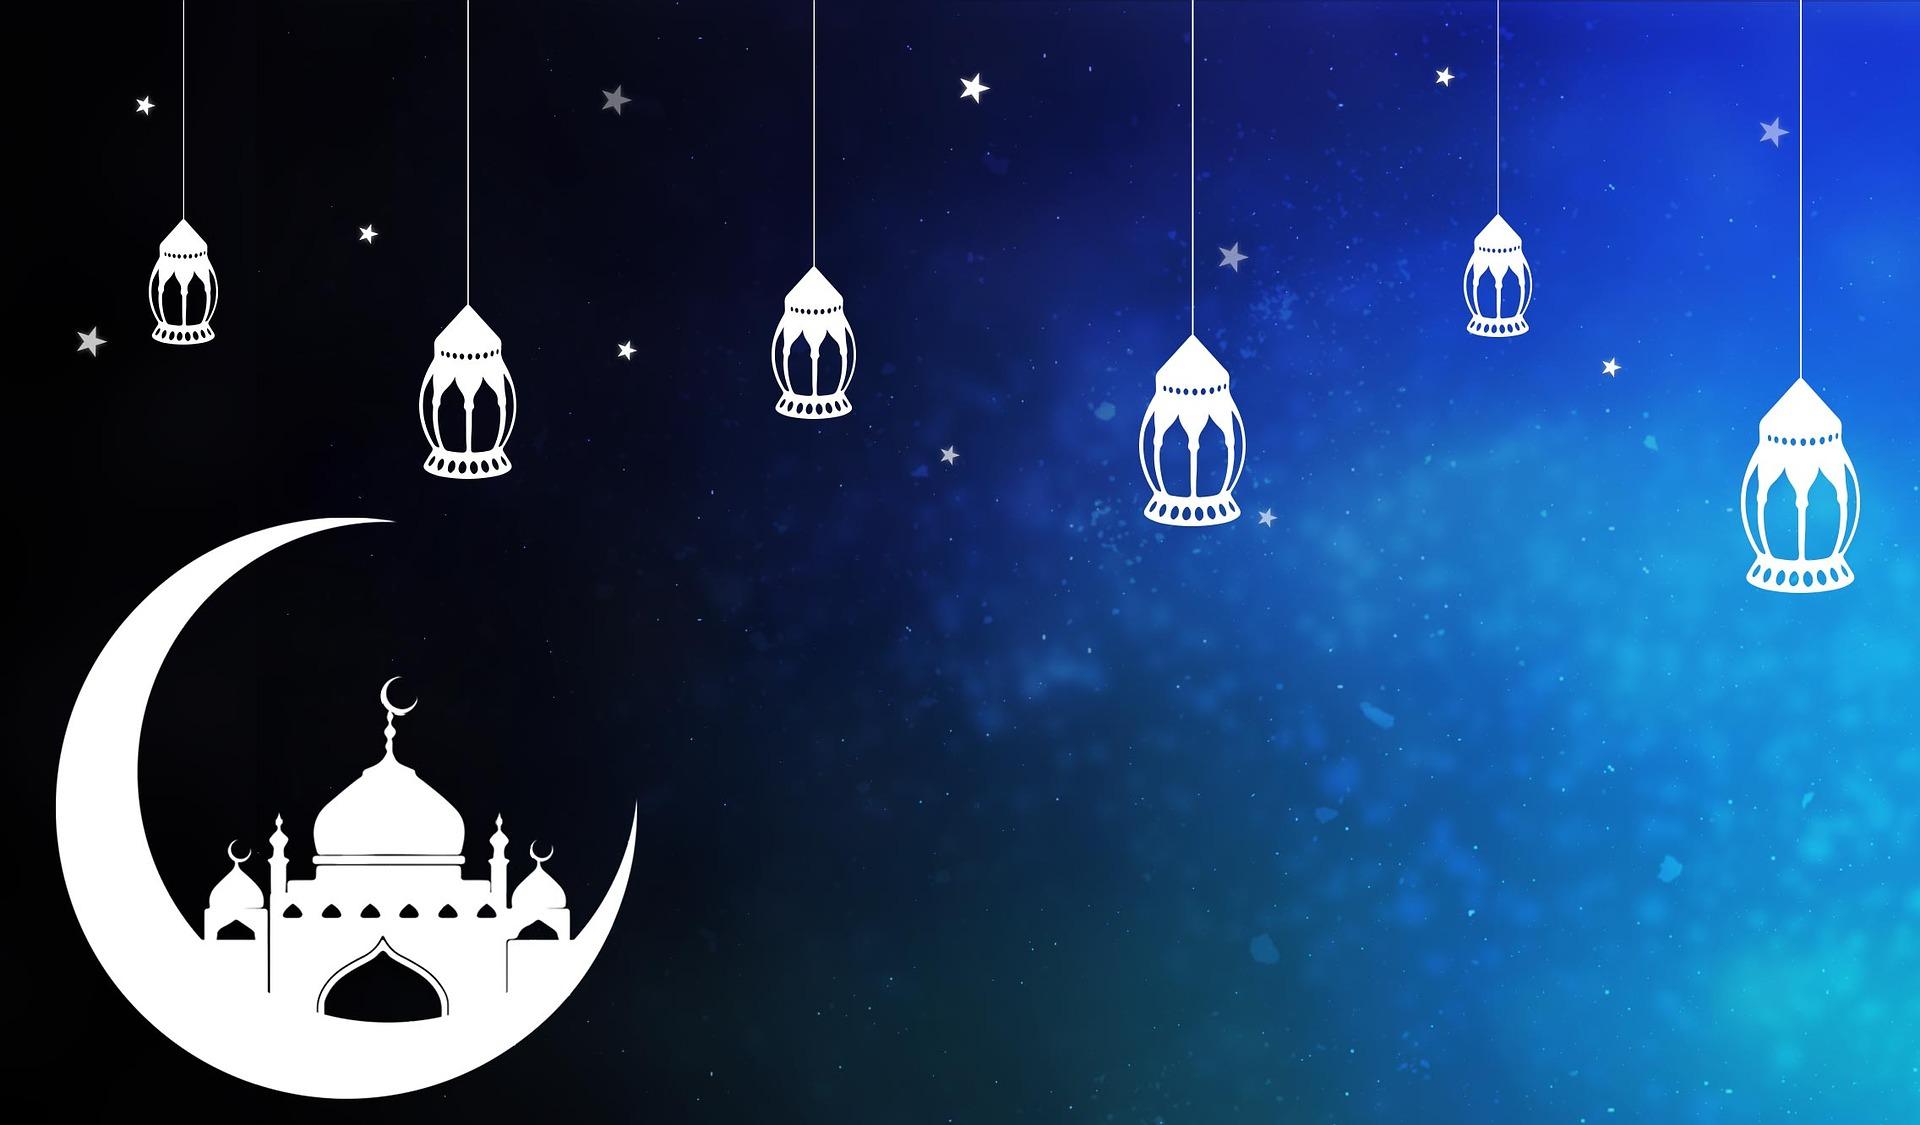 Suchtrends zum Ramadan: Datteln sind gefragt